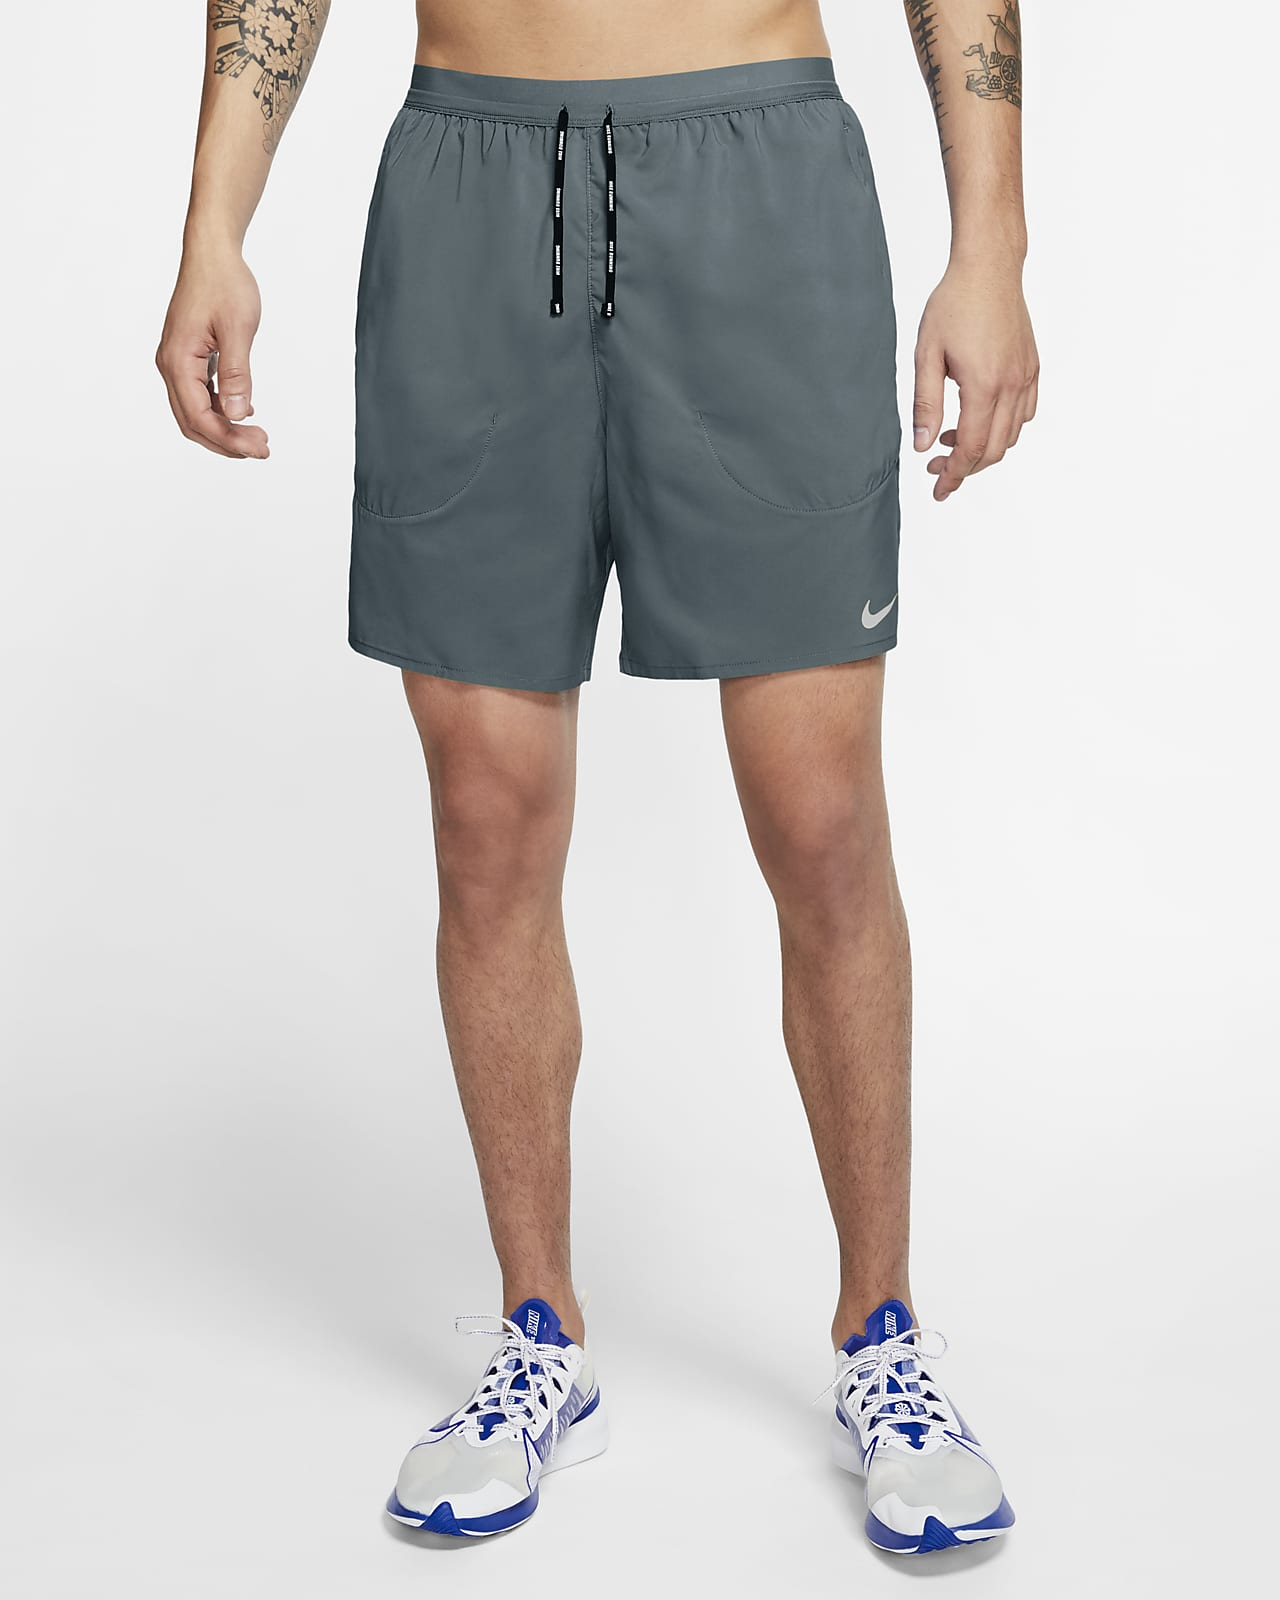 Nike Flex Stride Men's Brief Running Shorts